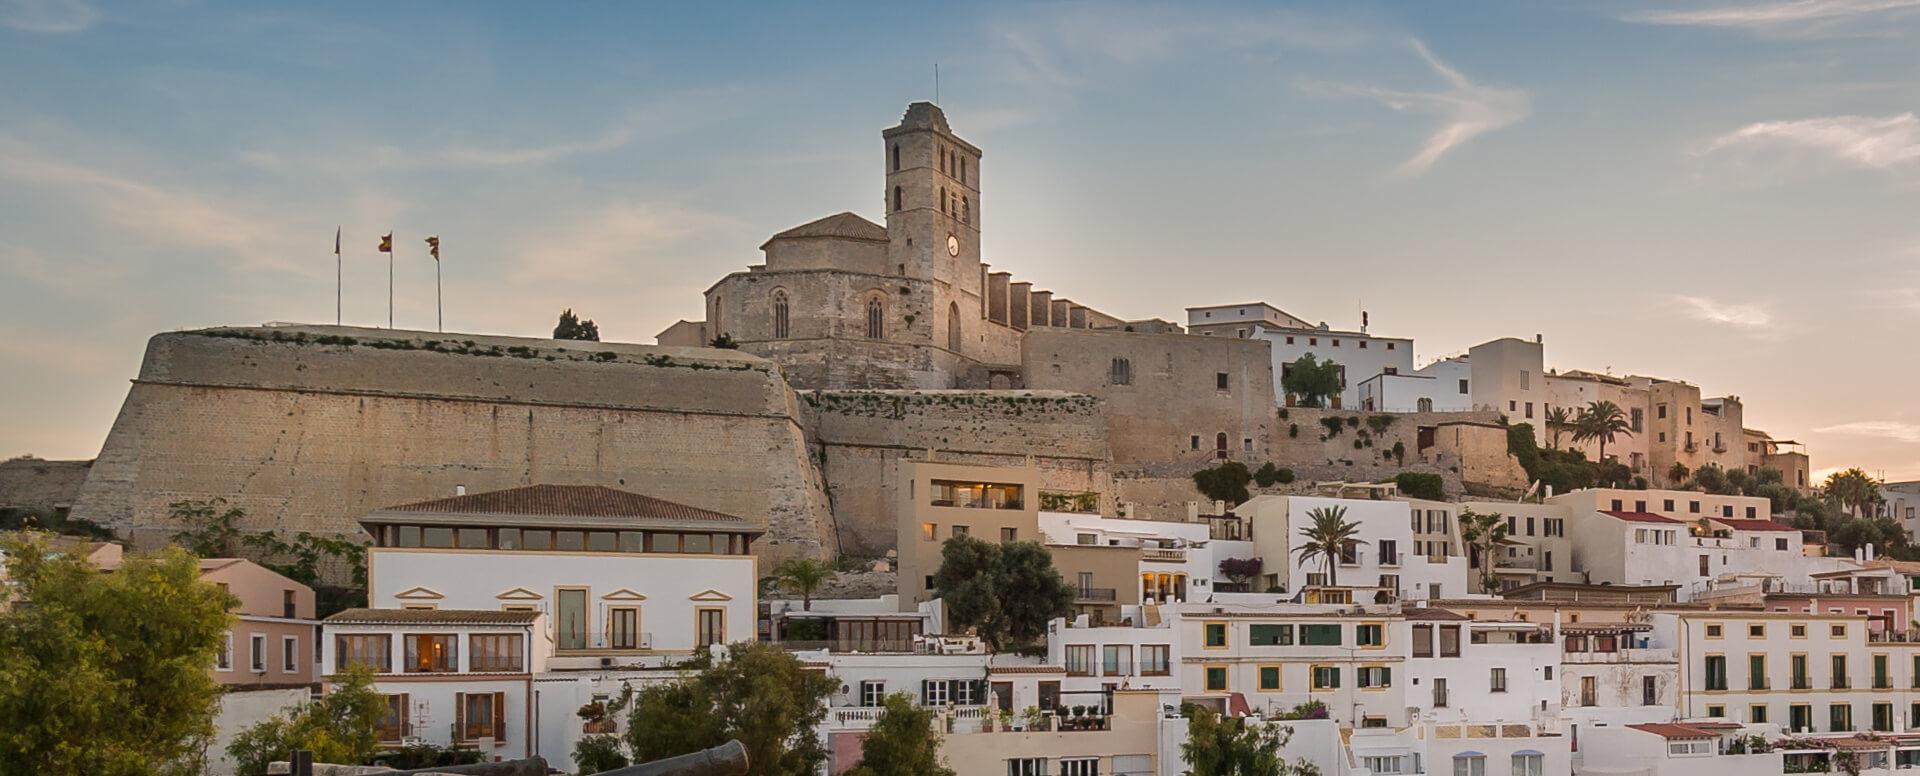 6 - Visit the Santo Domingo Church - Ibiza